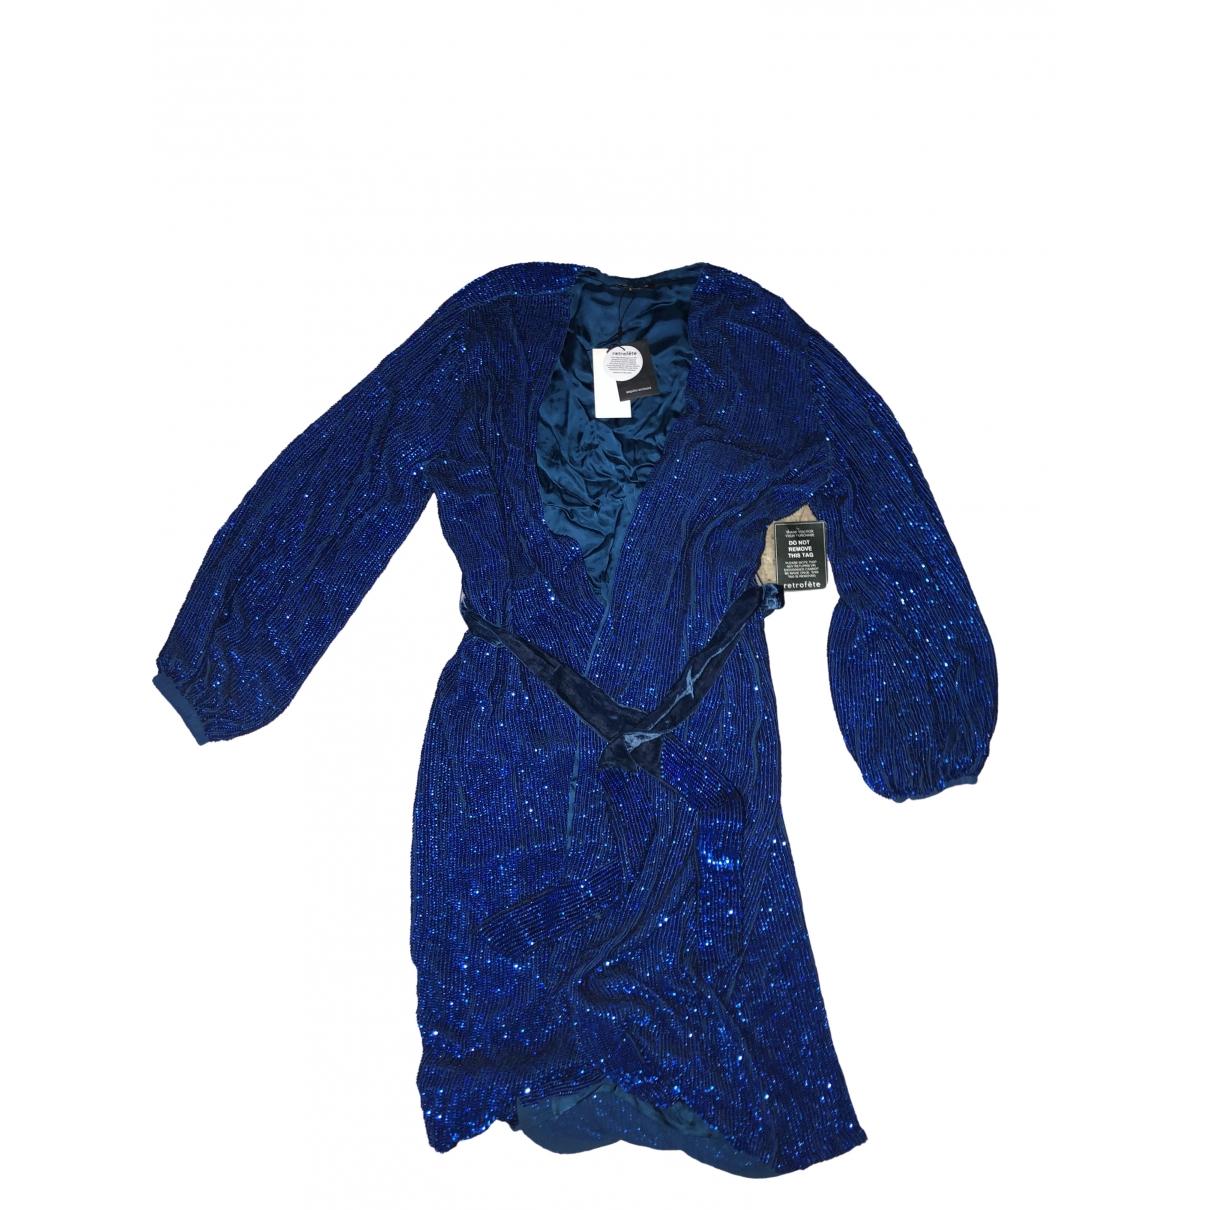 Retrofete - Robe   pour femme en a paillettes - bleu